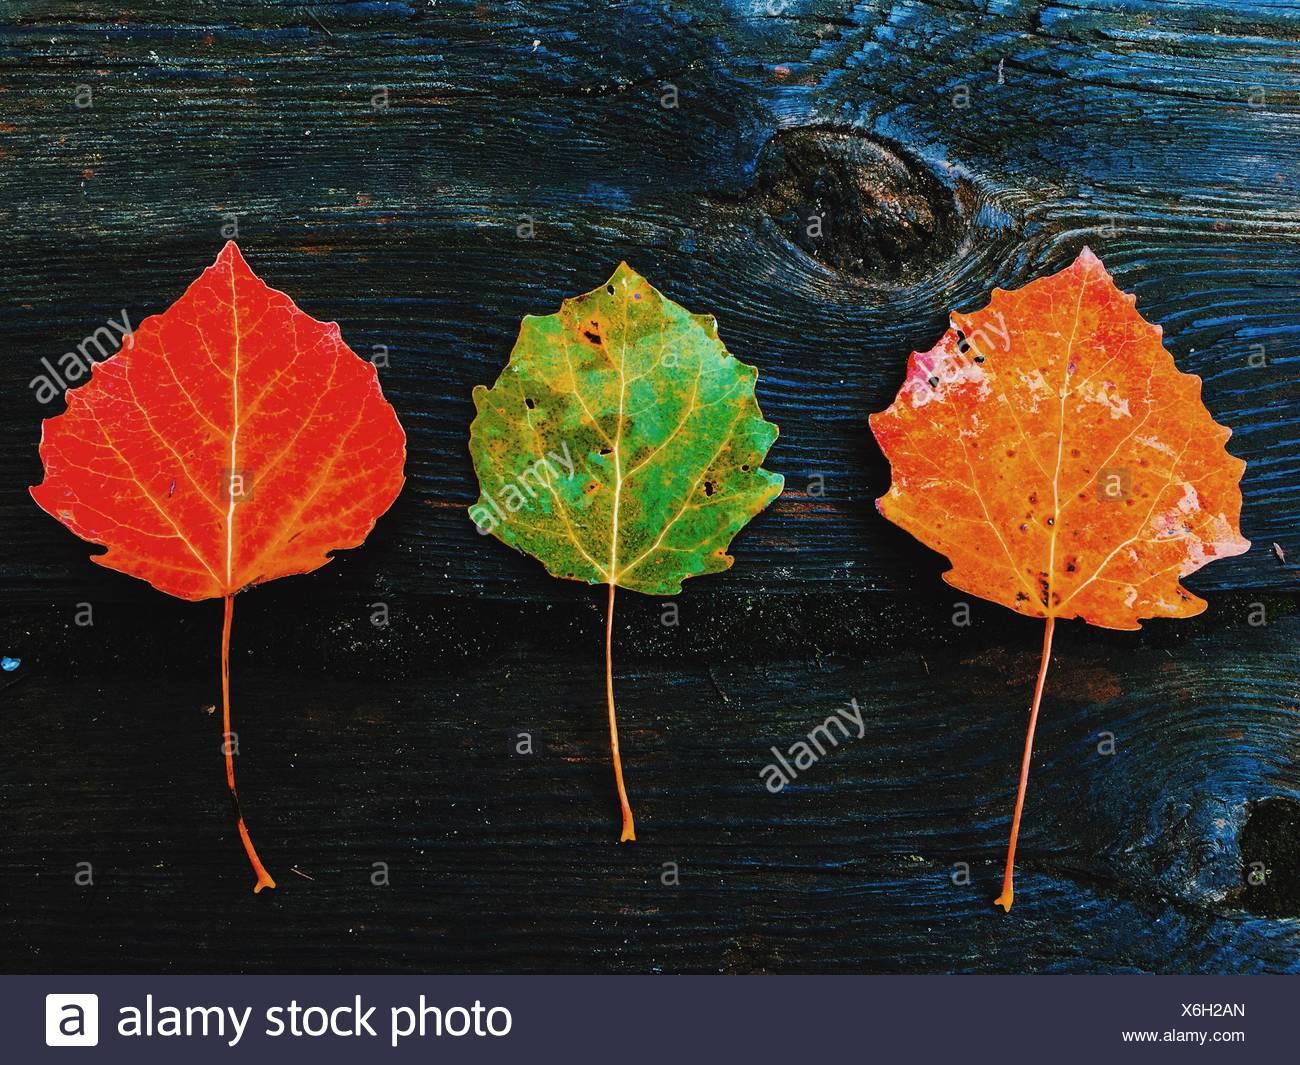 Nahaufnahme von bunten Herbstlaub auf Holz Stockbild